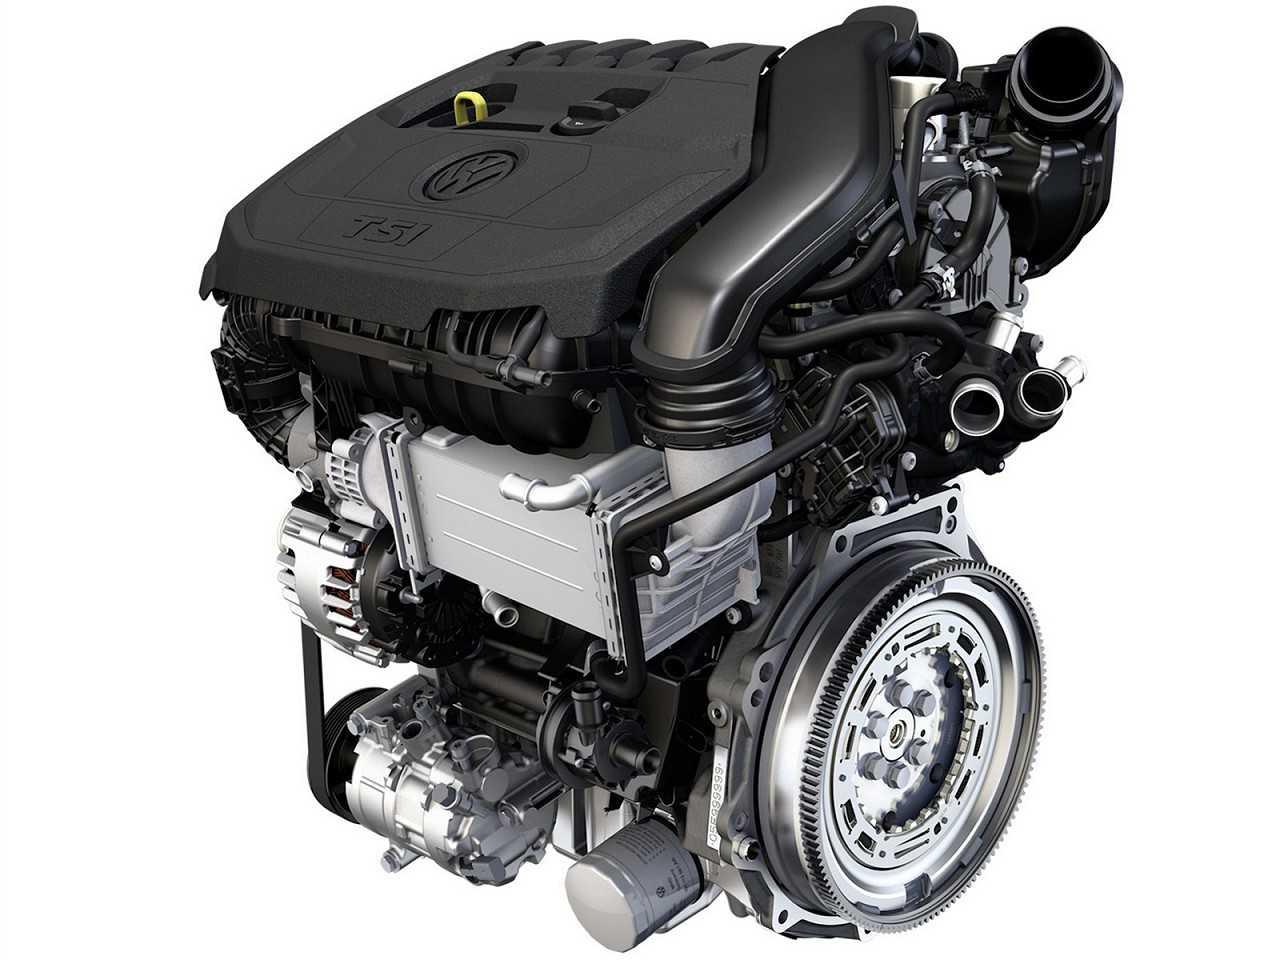 Novo motor 1.5 TSI Evo: até 150 cv e 10 mais econômico